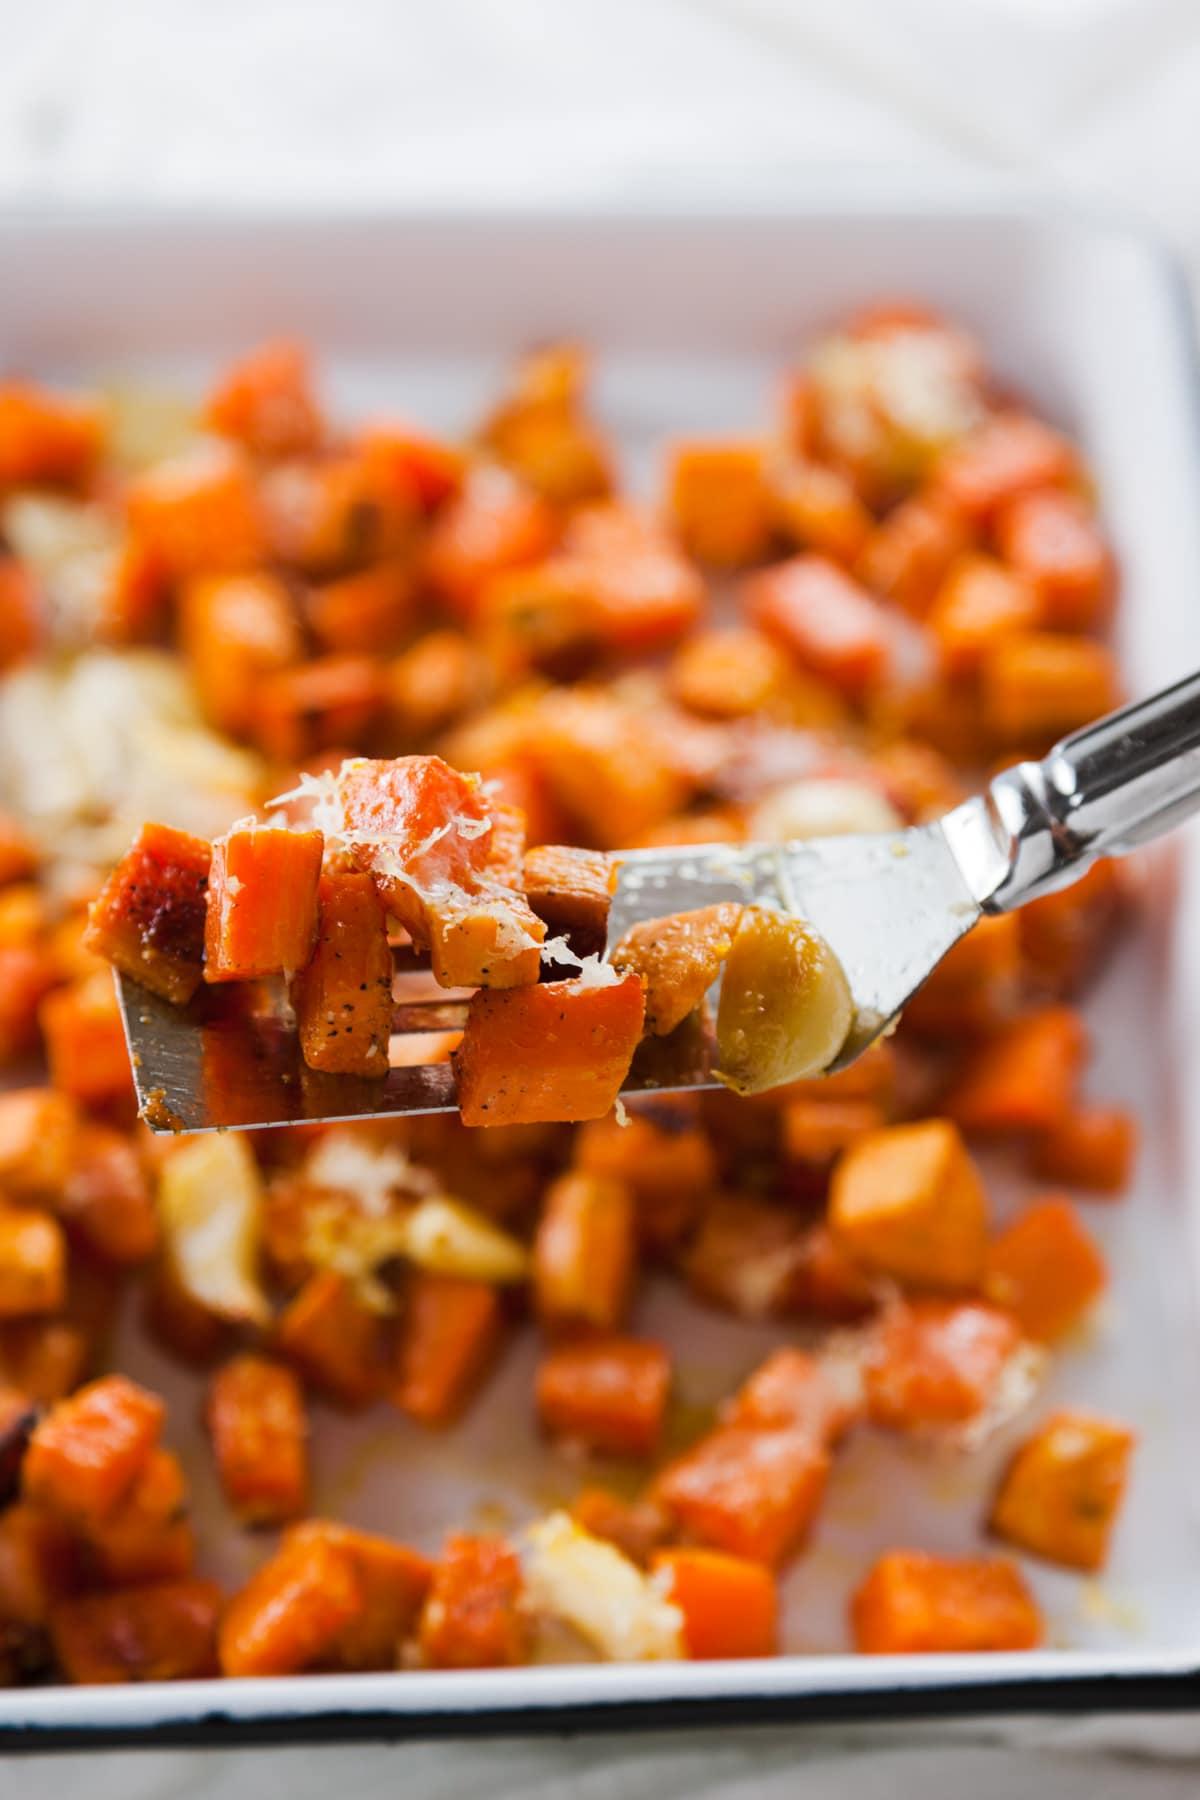 Garlic Parmesan Roasted Sweet Potato